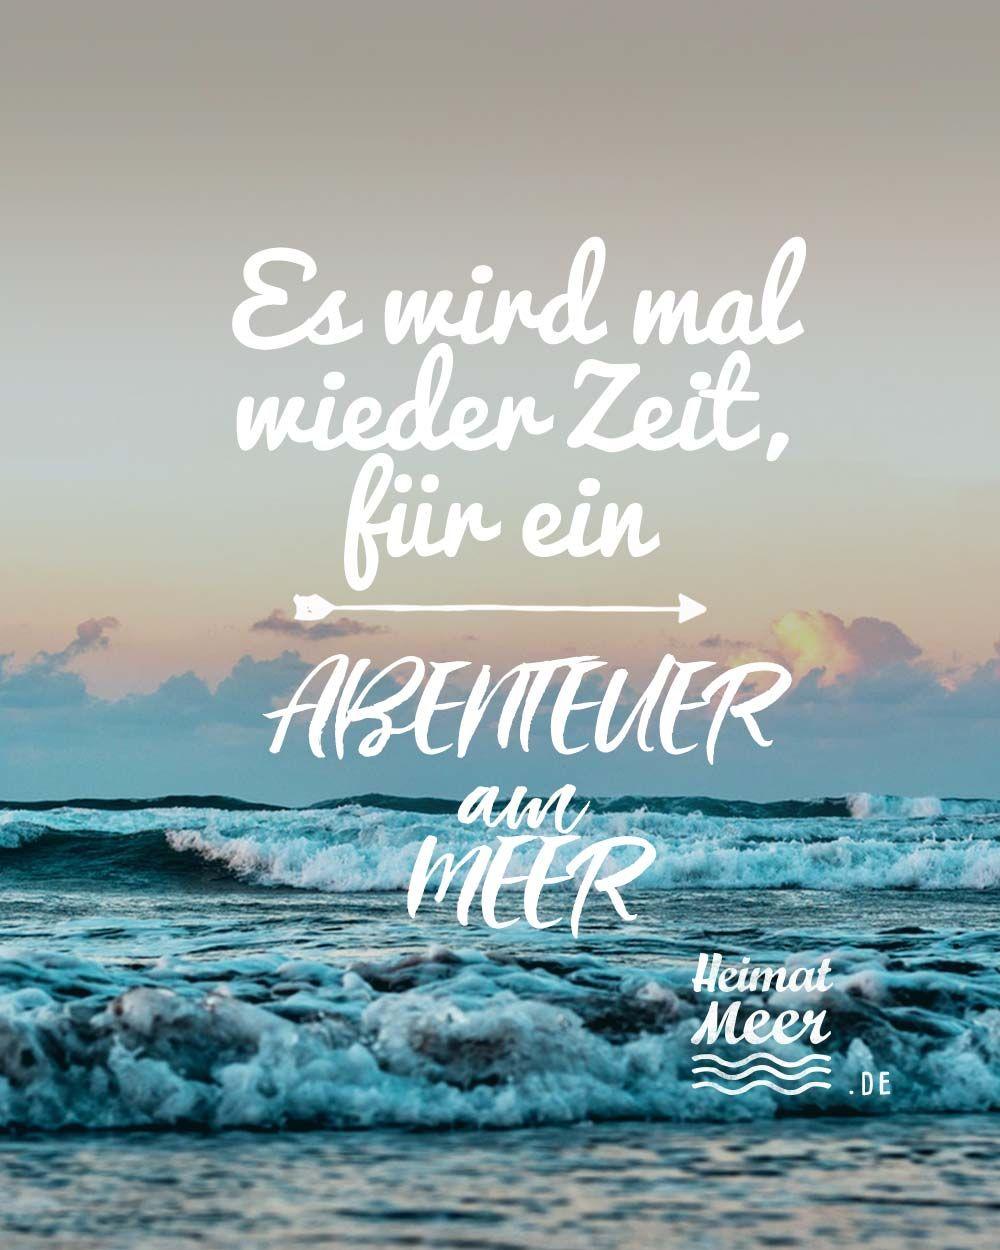 Es wird mal wieder Zeit, für ein Abenteuer am Meer❗Mee(h)r für alle, die das Meer lieben>>